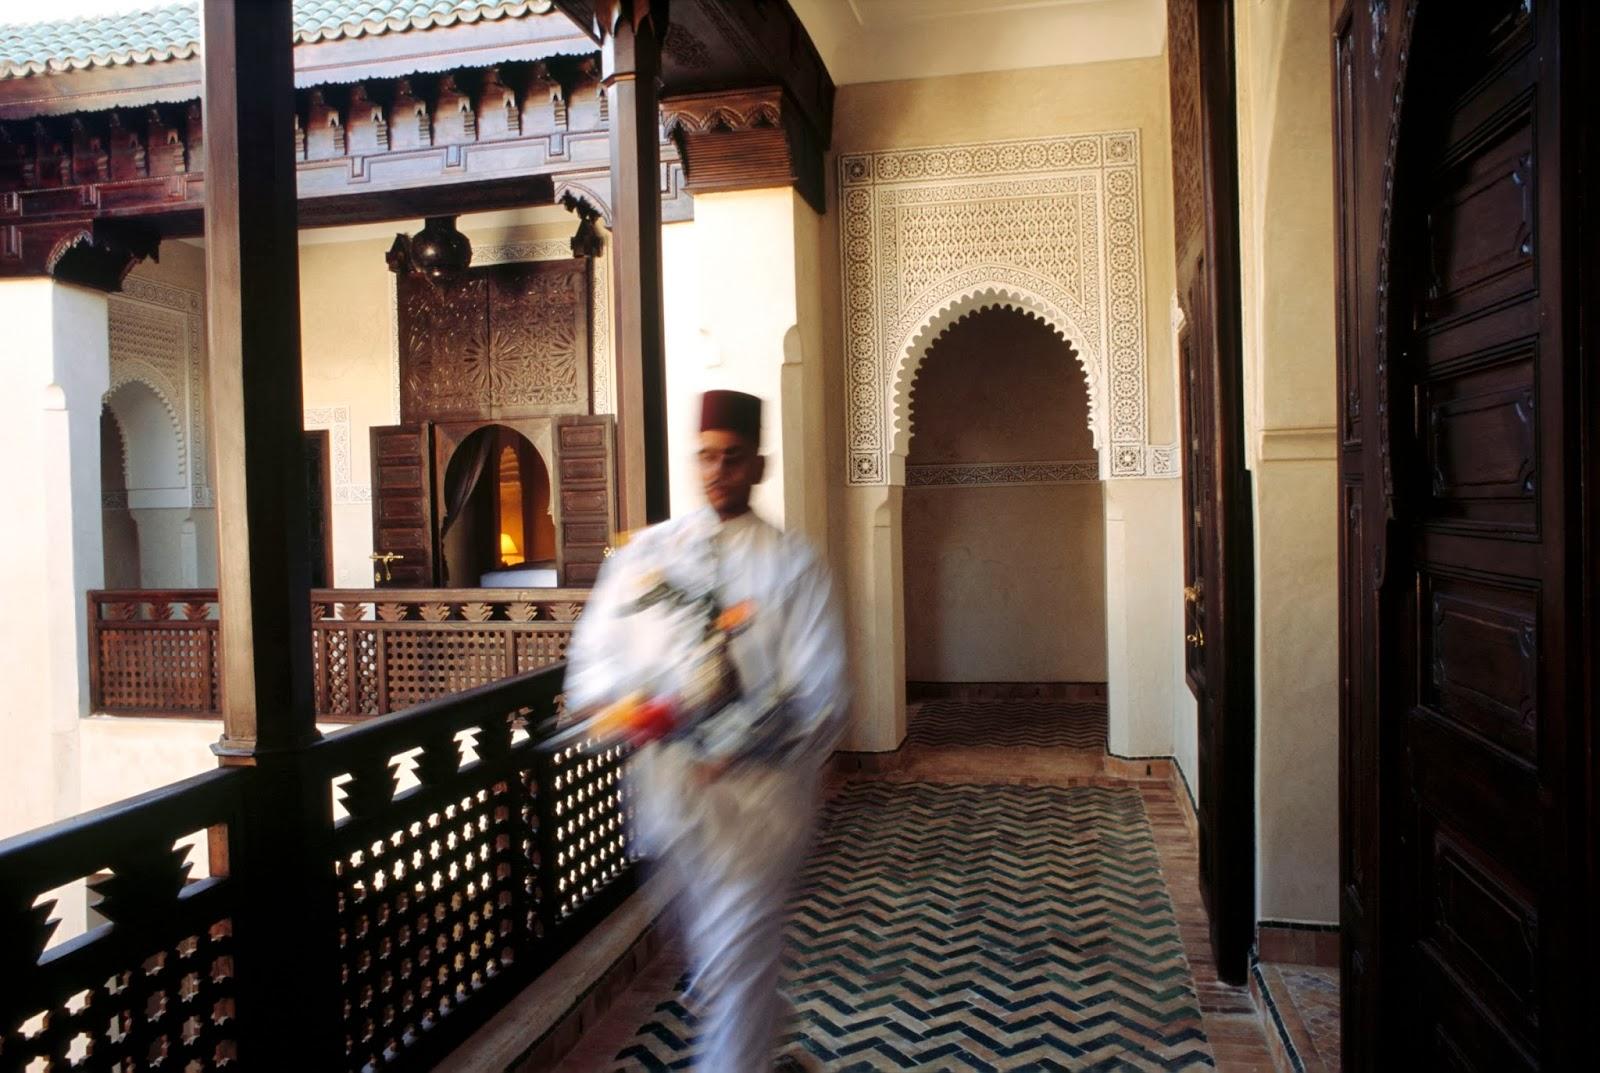 Marokko Kulinarische Reise